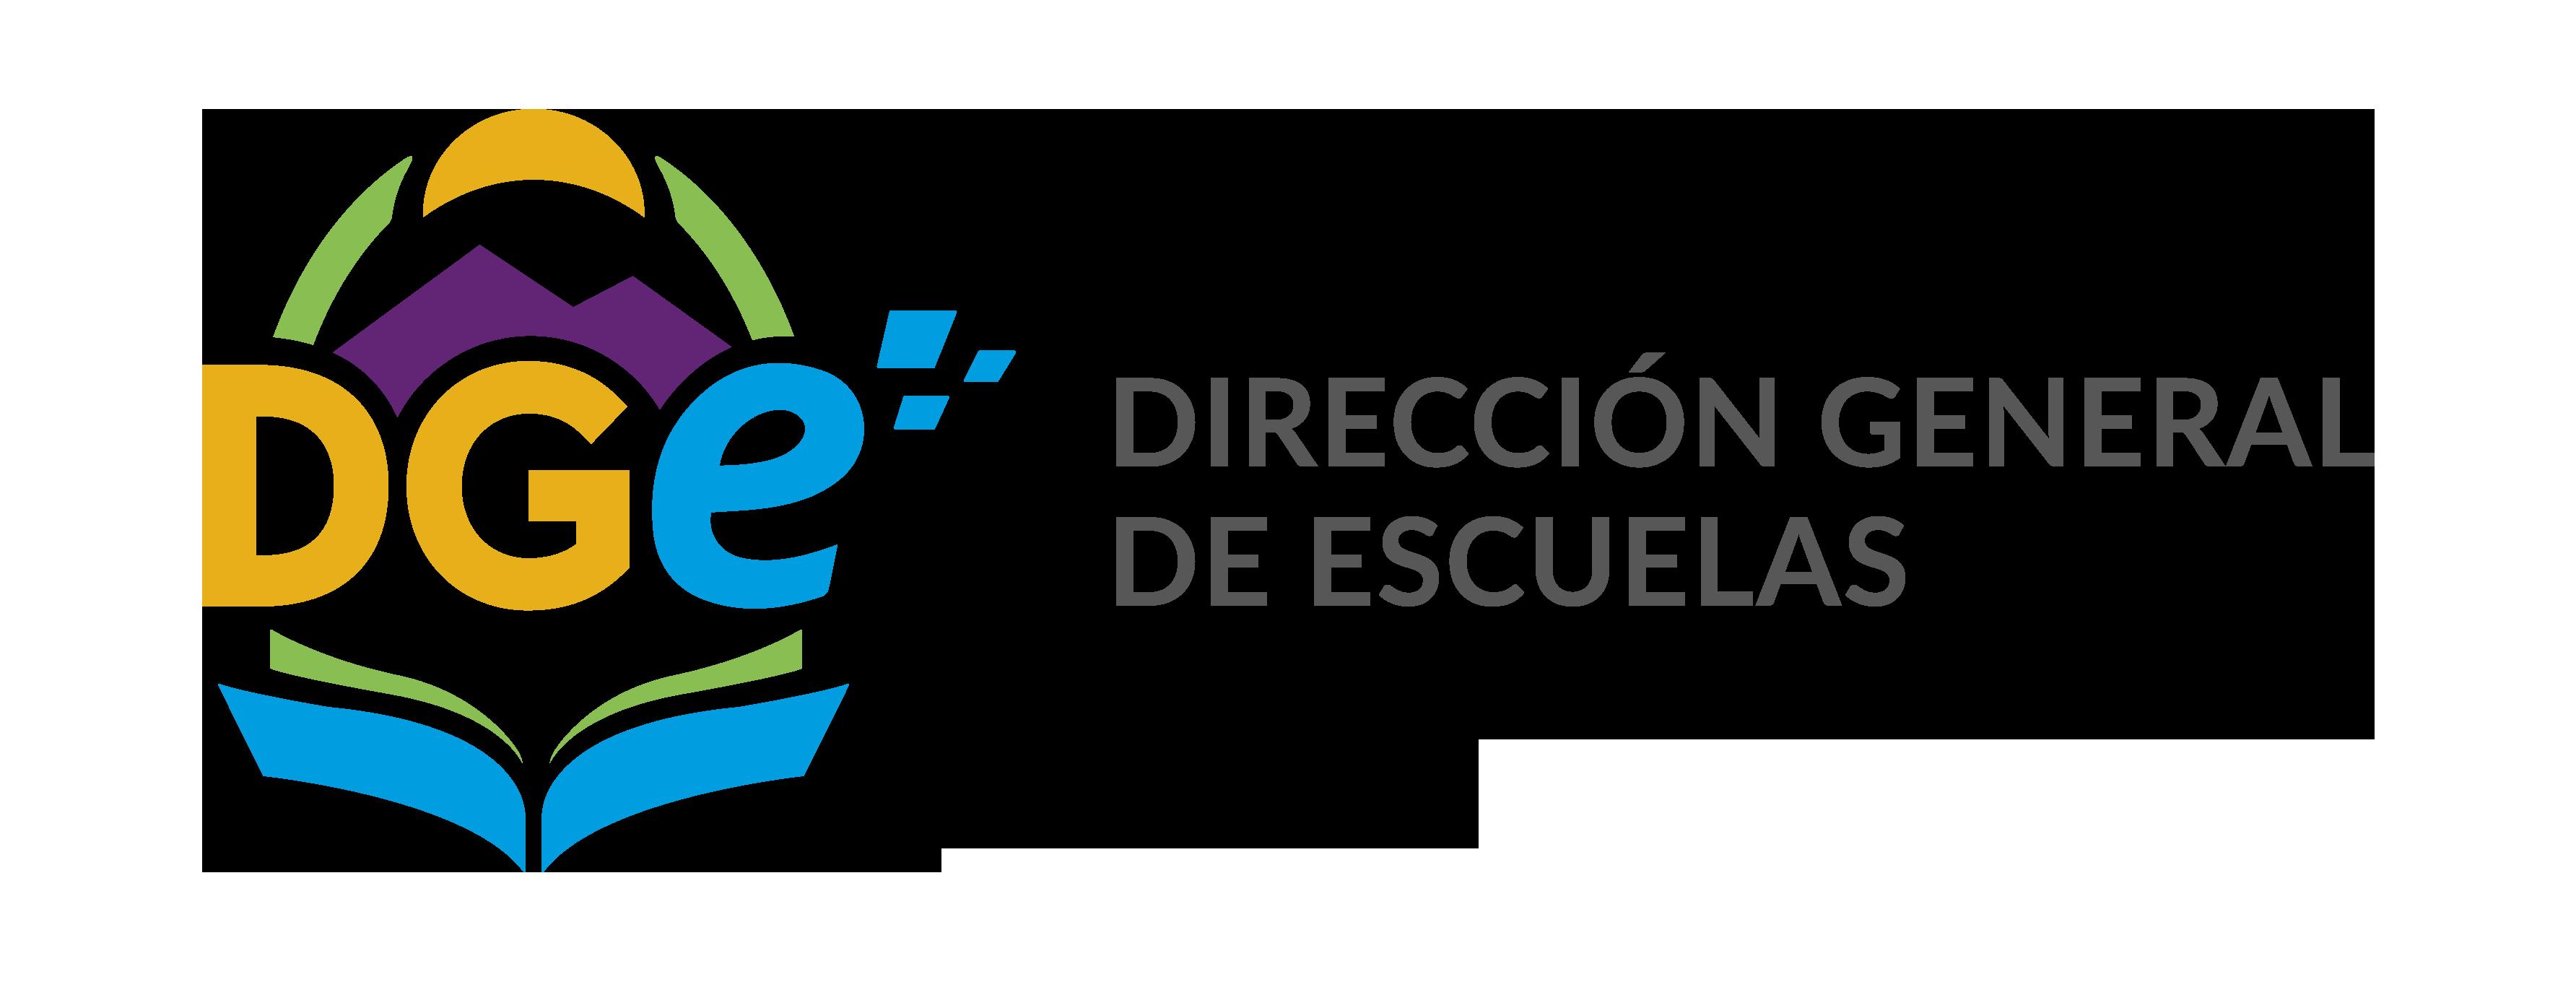 Logo Dirección General de Escuelas